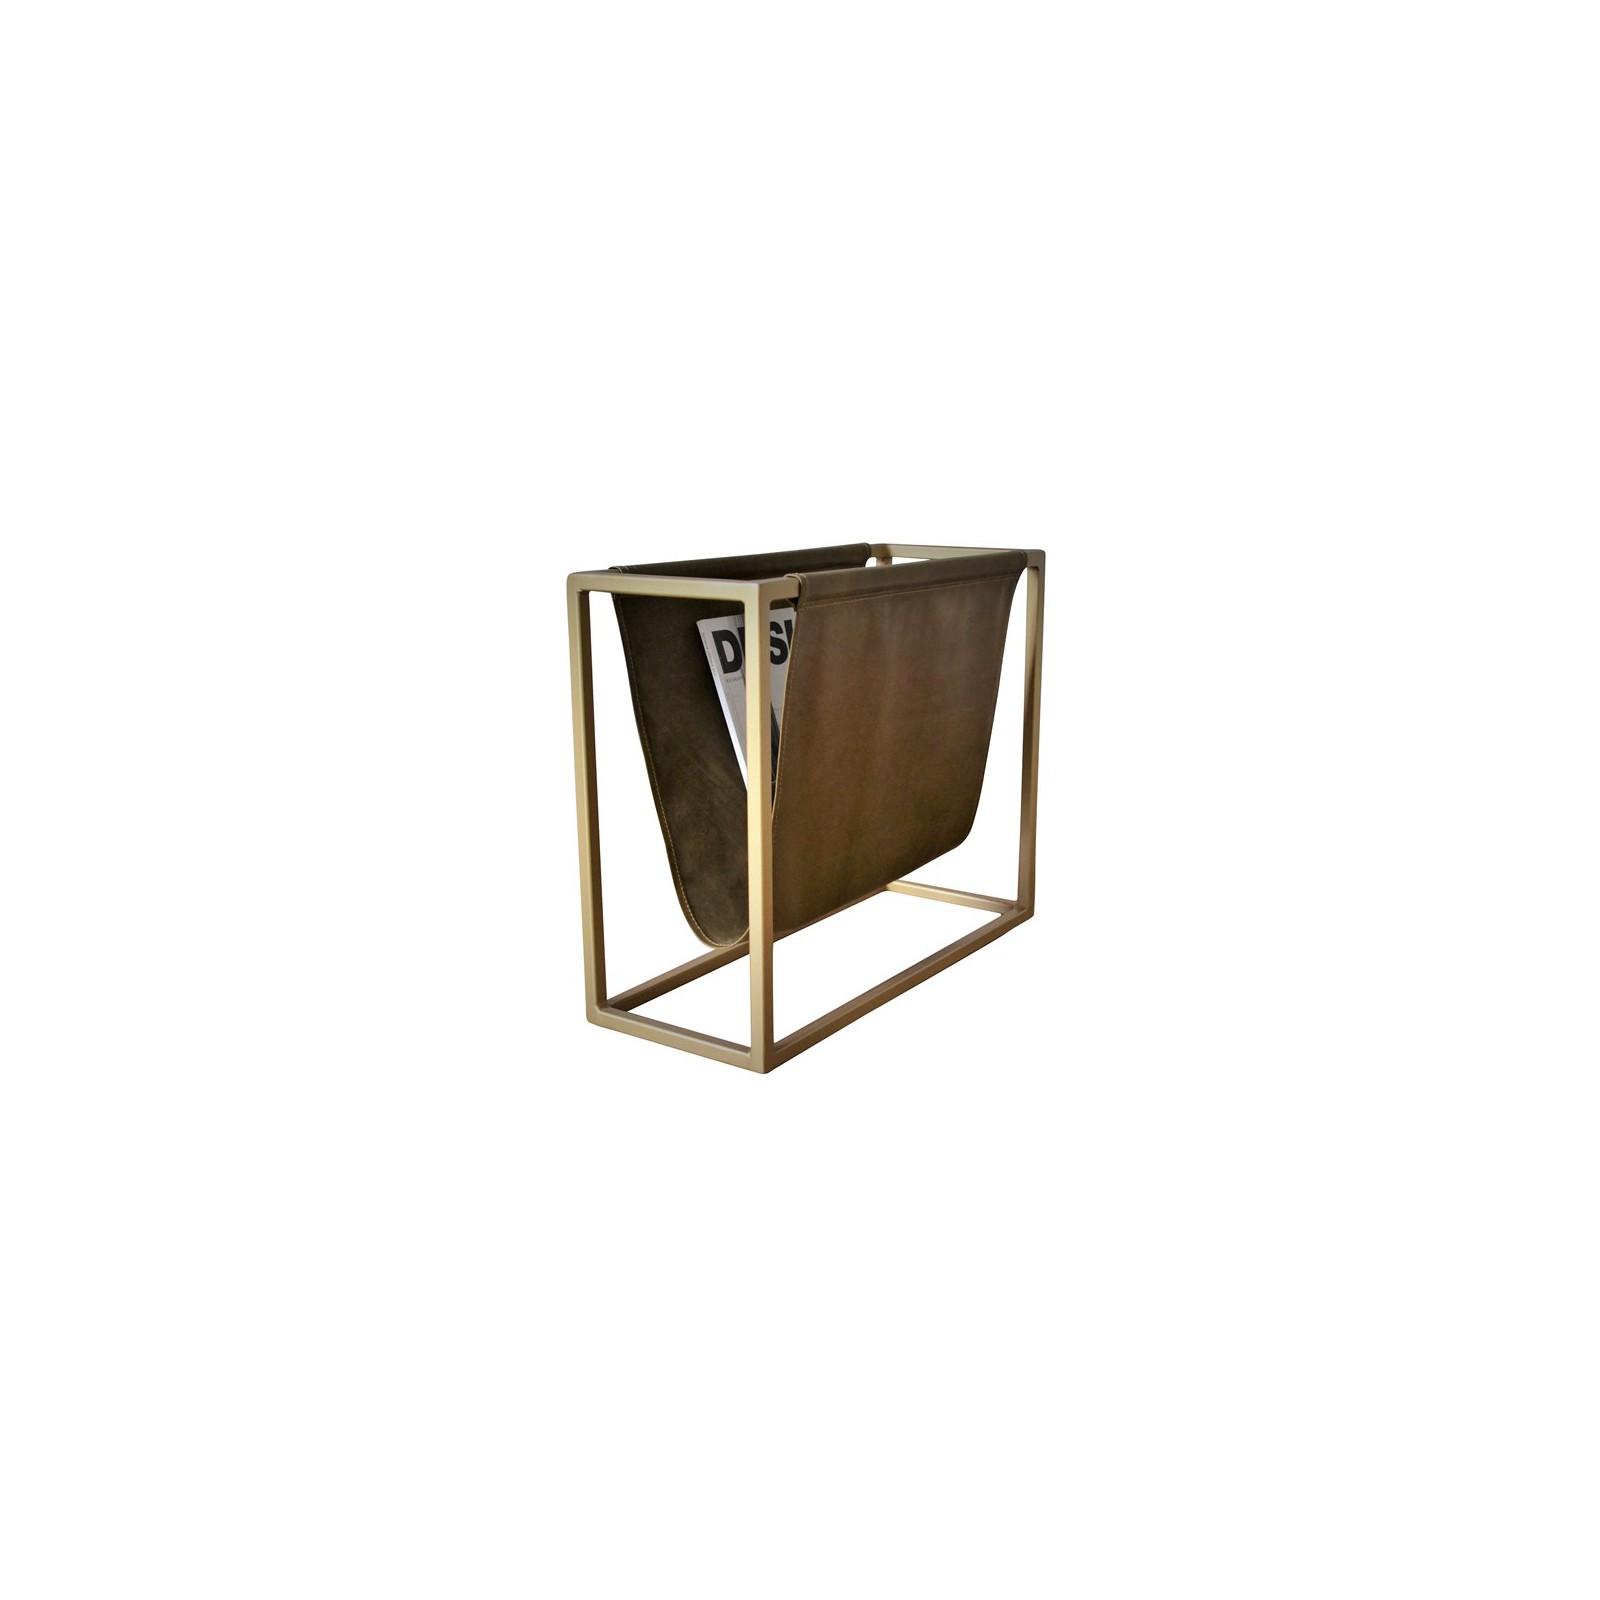 porte revues vintage arne concept. Black Bedroom Furniture Sets. Home Design Ideas